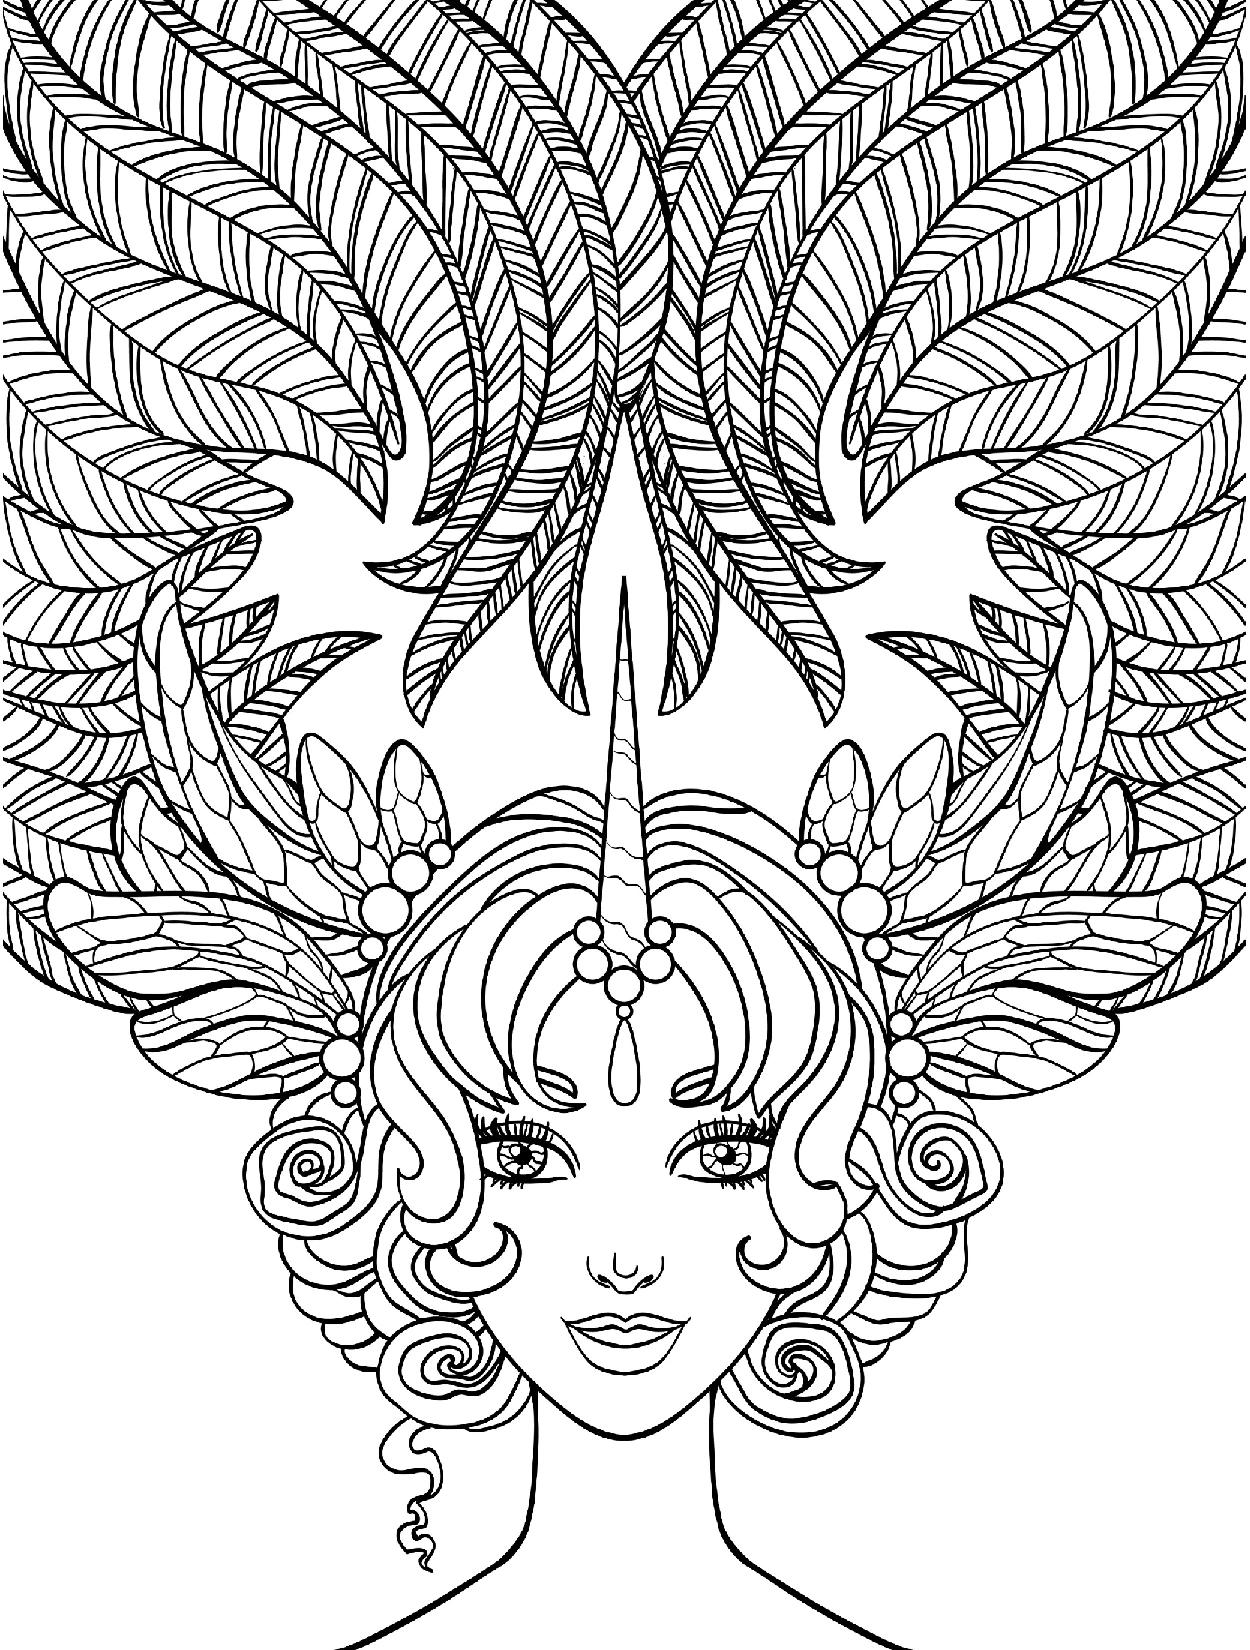 Принцесса Единорог - Люди и лица - Раскраски антистресс